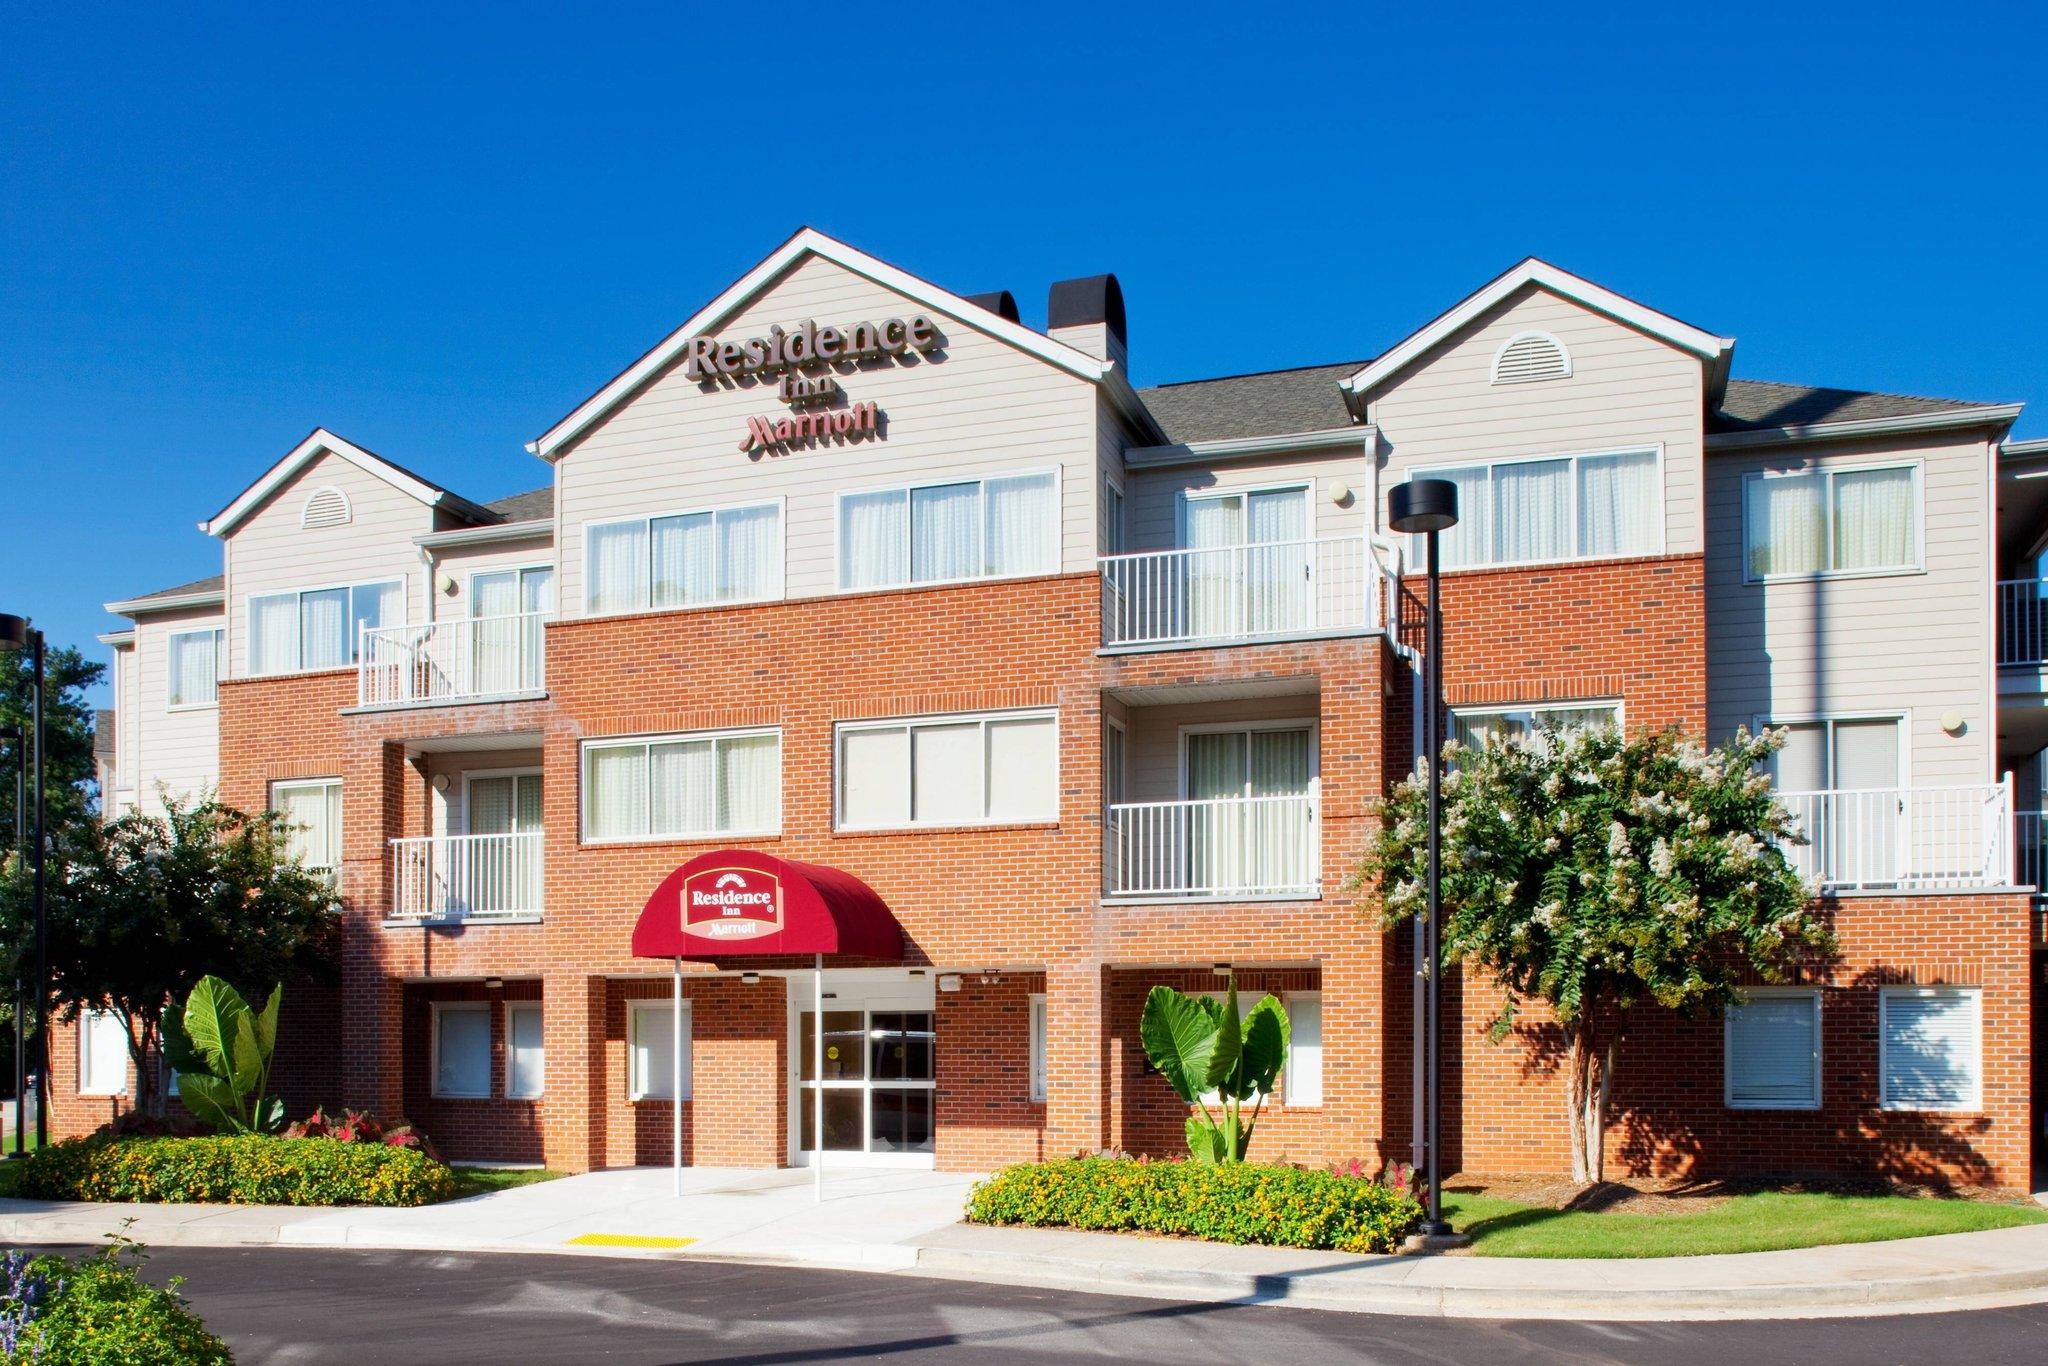 Residence Inn Atlanta Alpharetta/Windwar